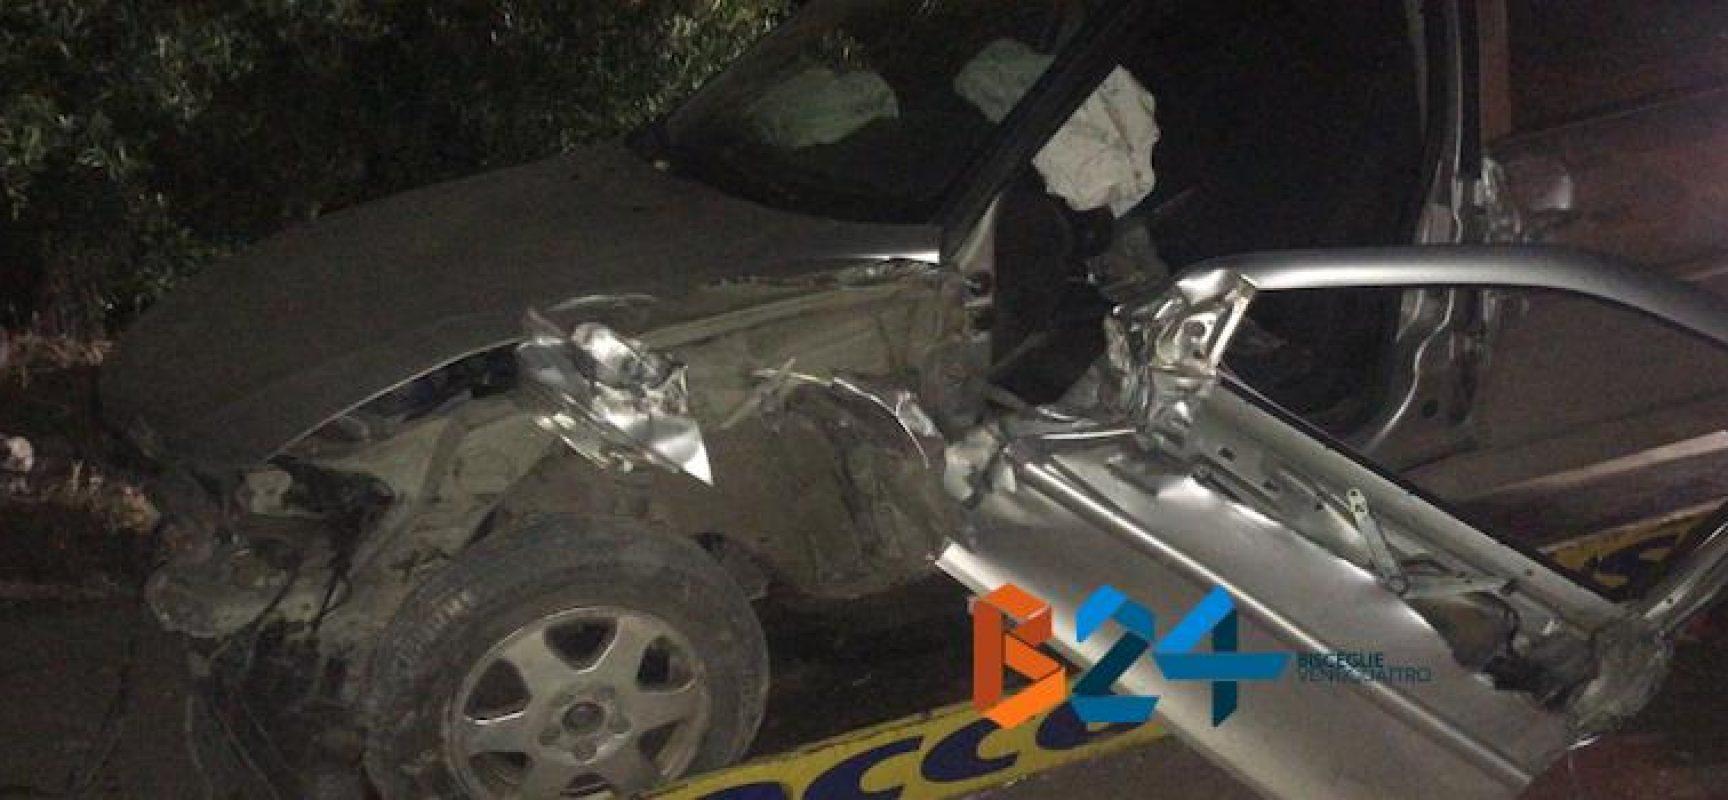 Scontro tra auto e trattore su via Crosta, un ferito al pronto soccorso